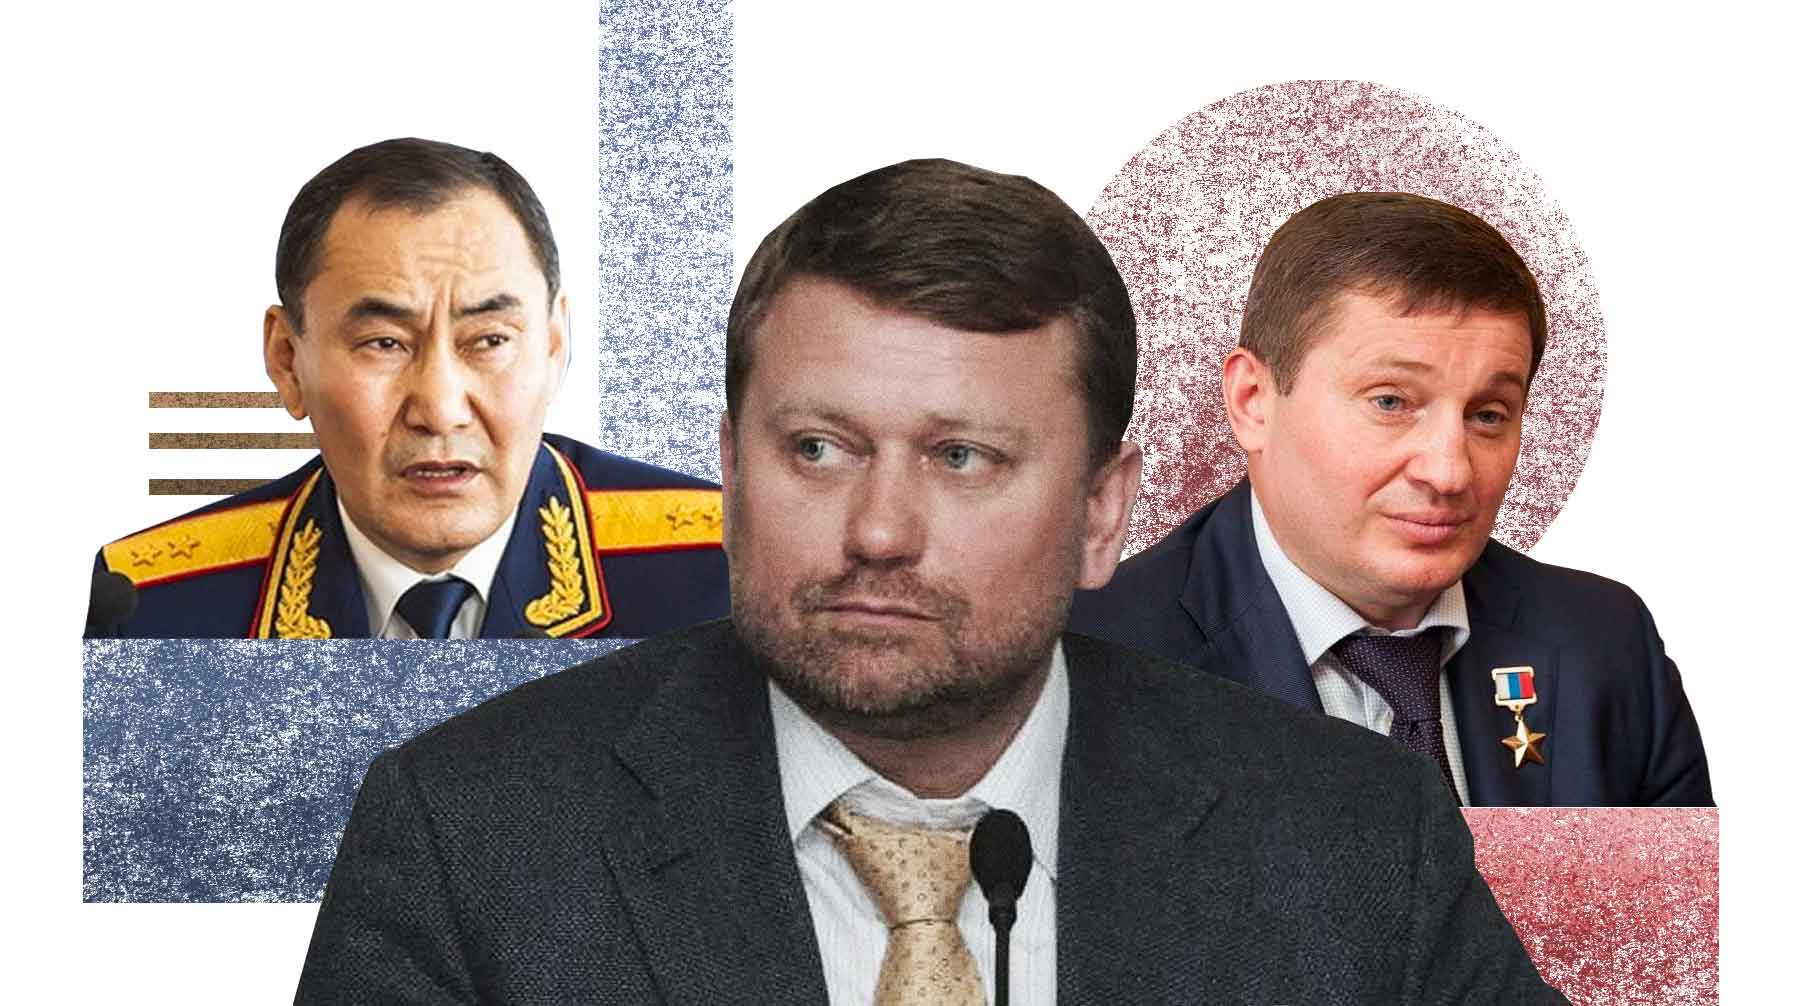 Экс-мэр Волгограда: Покушение на губернатора — повод, Музраев — более серьезный человек, босс мафии